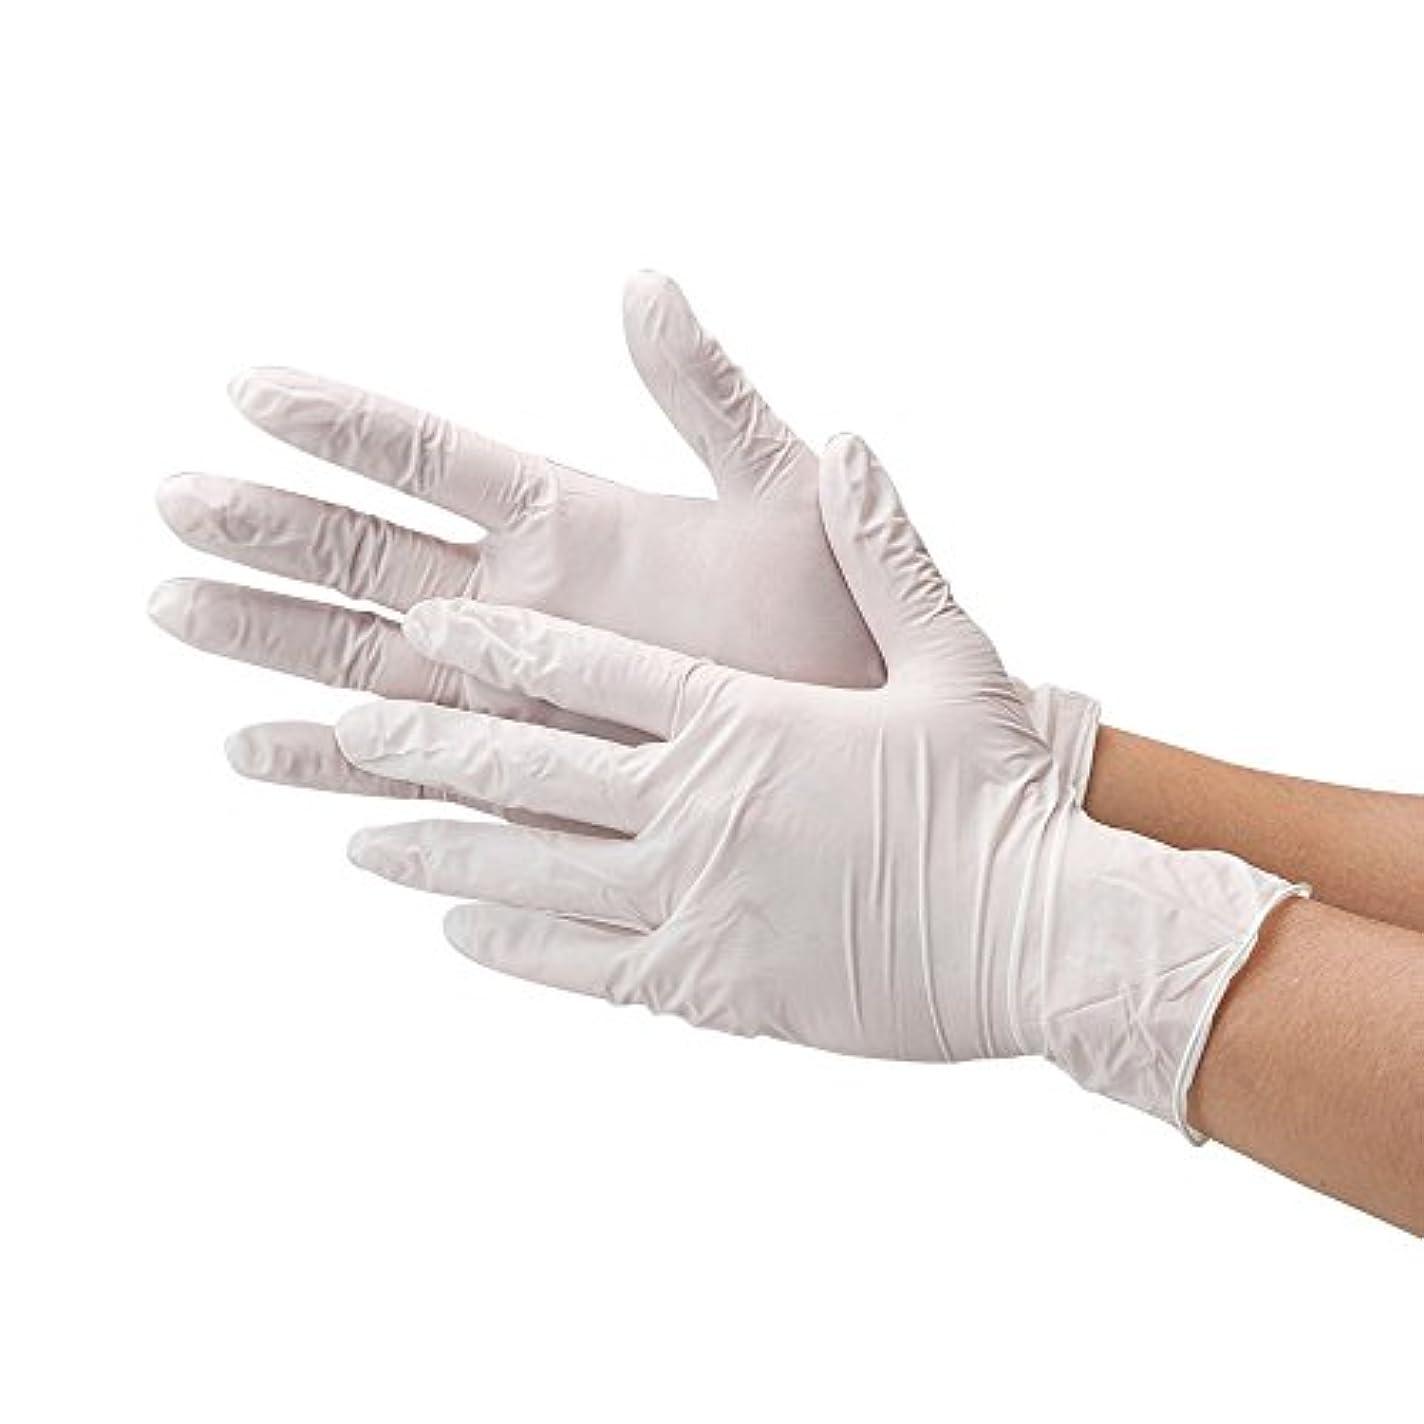 名誉フェザー精査する使い捨て手袋 まるで素手の様な感覚で作業ができる 極薄 ゴム手袋 白 ホワイト 10枚入り 粉あり (サイズ:M) 左右兼用 食品衛生法適合品